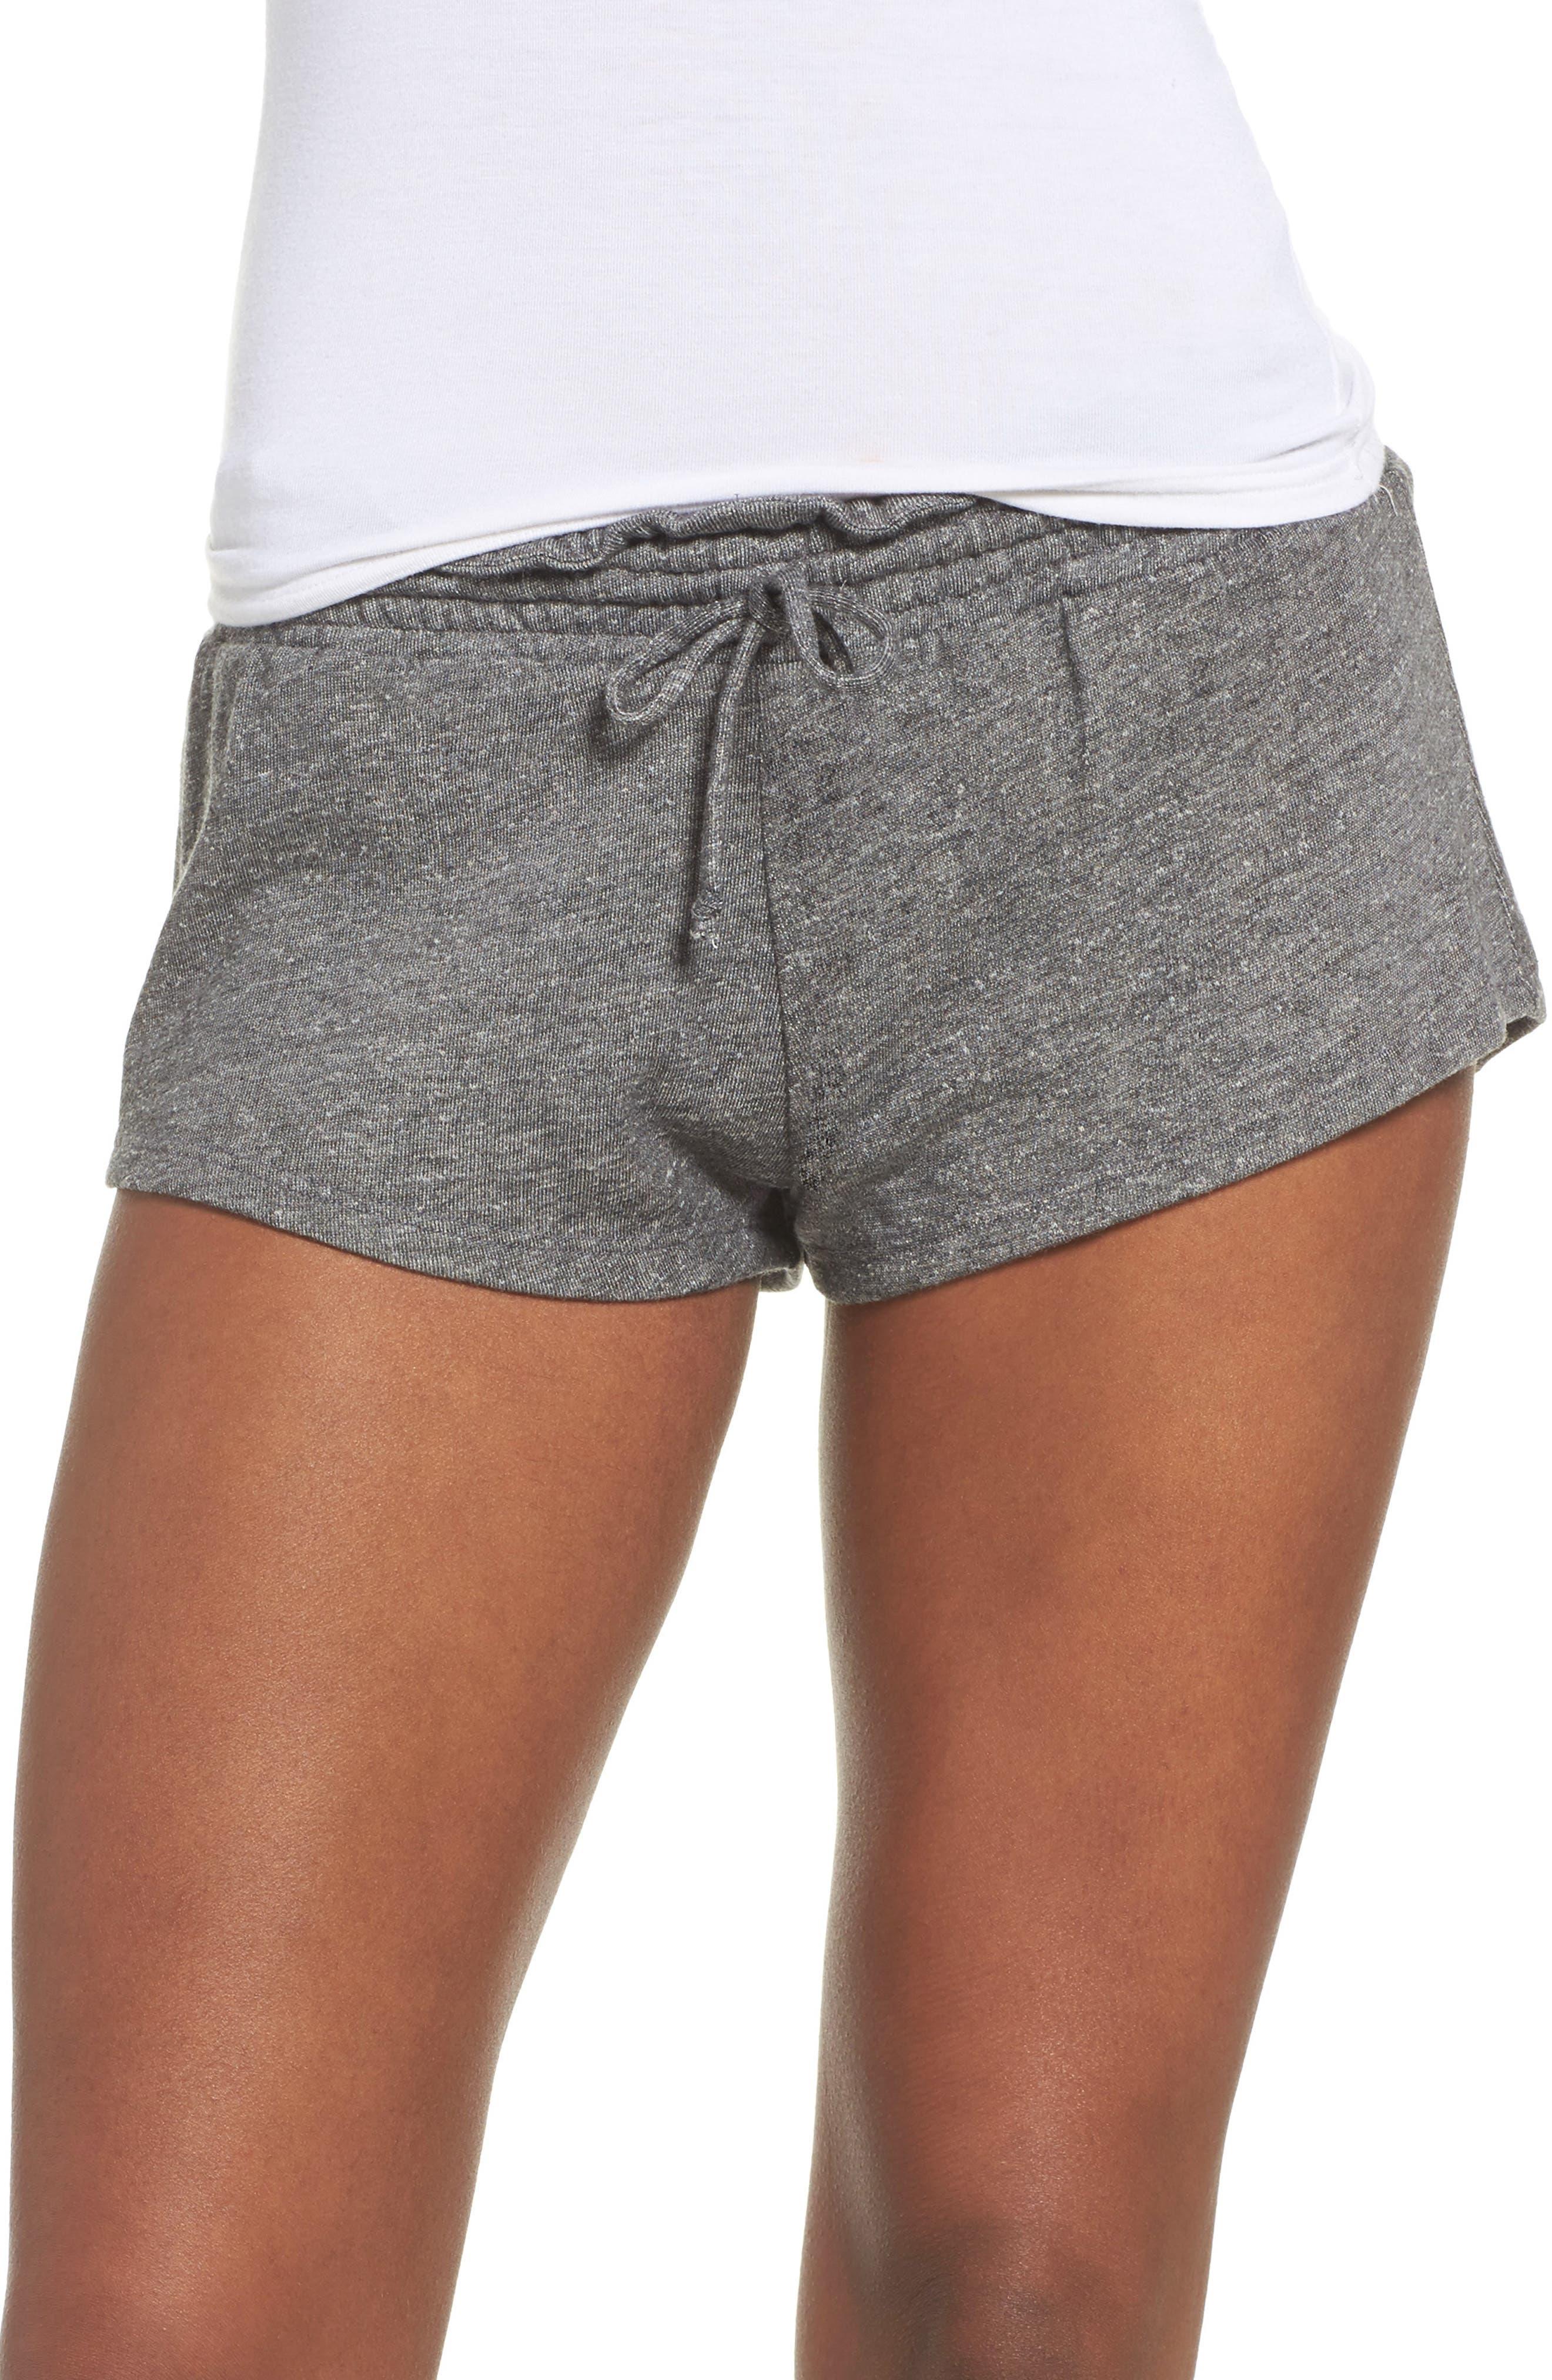 Main Image - Olympia Theodora Dallas Shorts